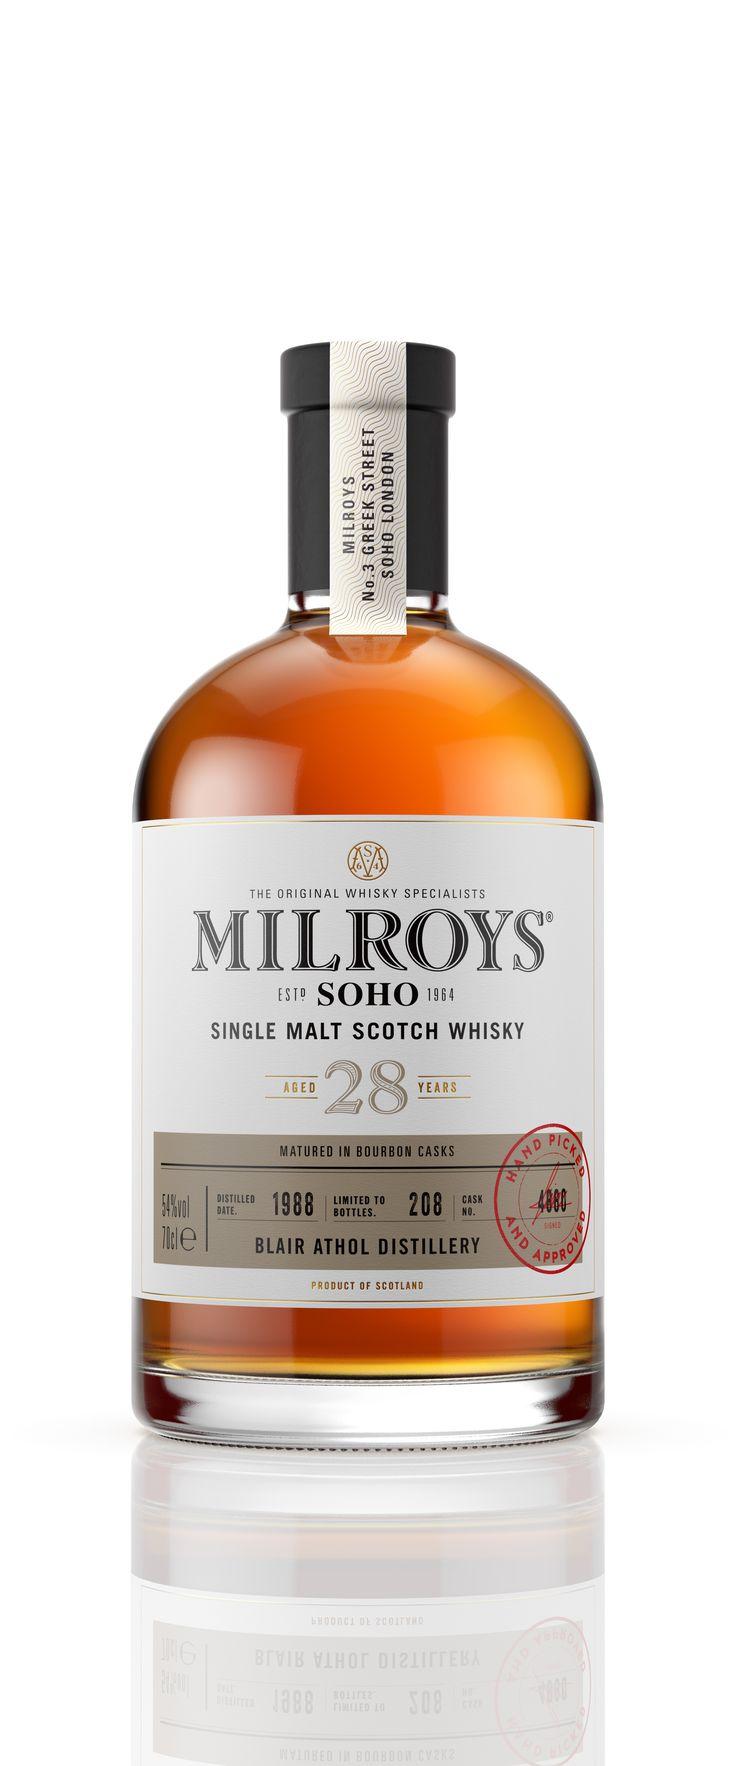 Milroys of Soho Whiskey — The Dieline - Branding & Packaging Design